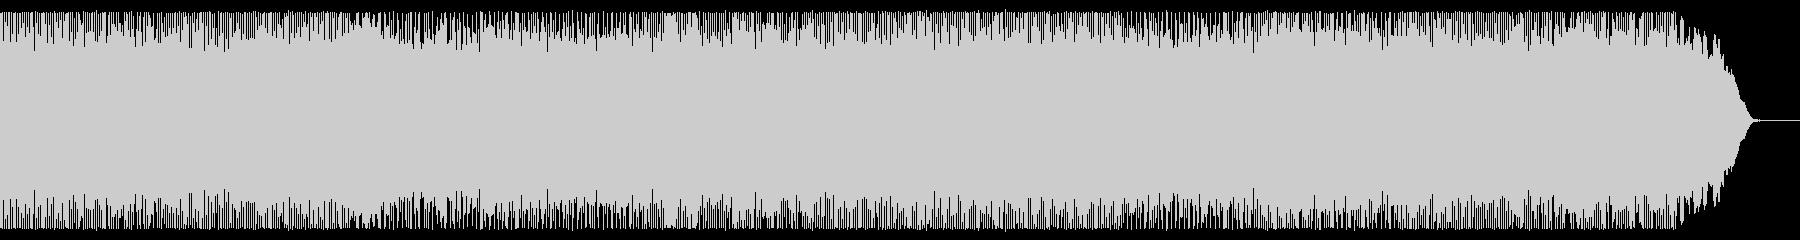 メロディックな全編速弾き系のメタルBGMの未再生の波形